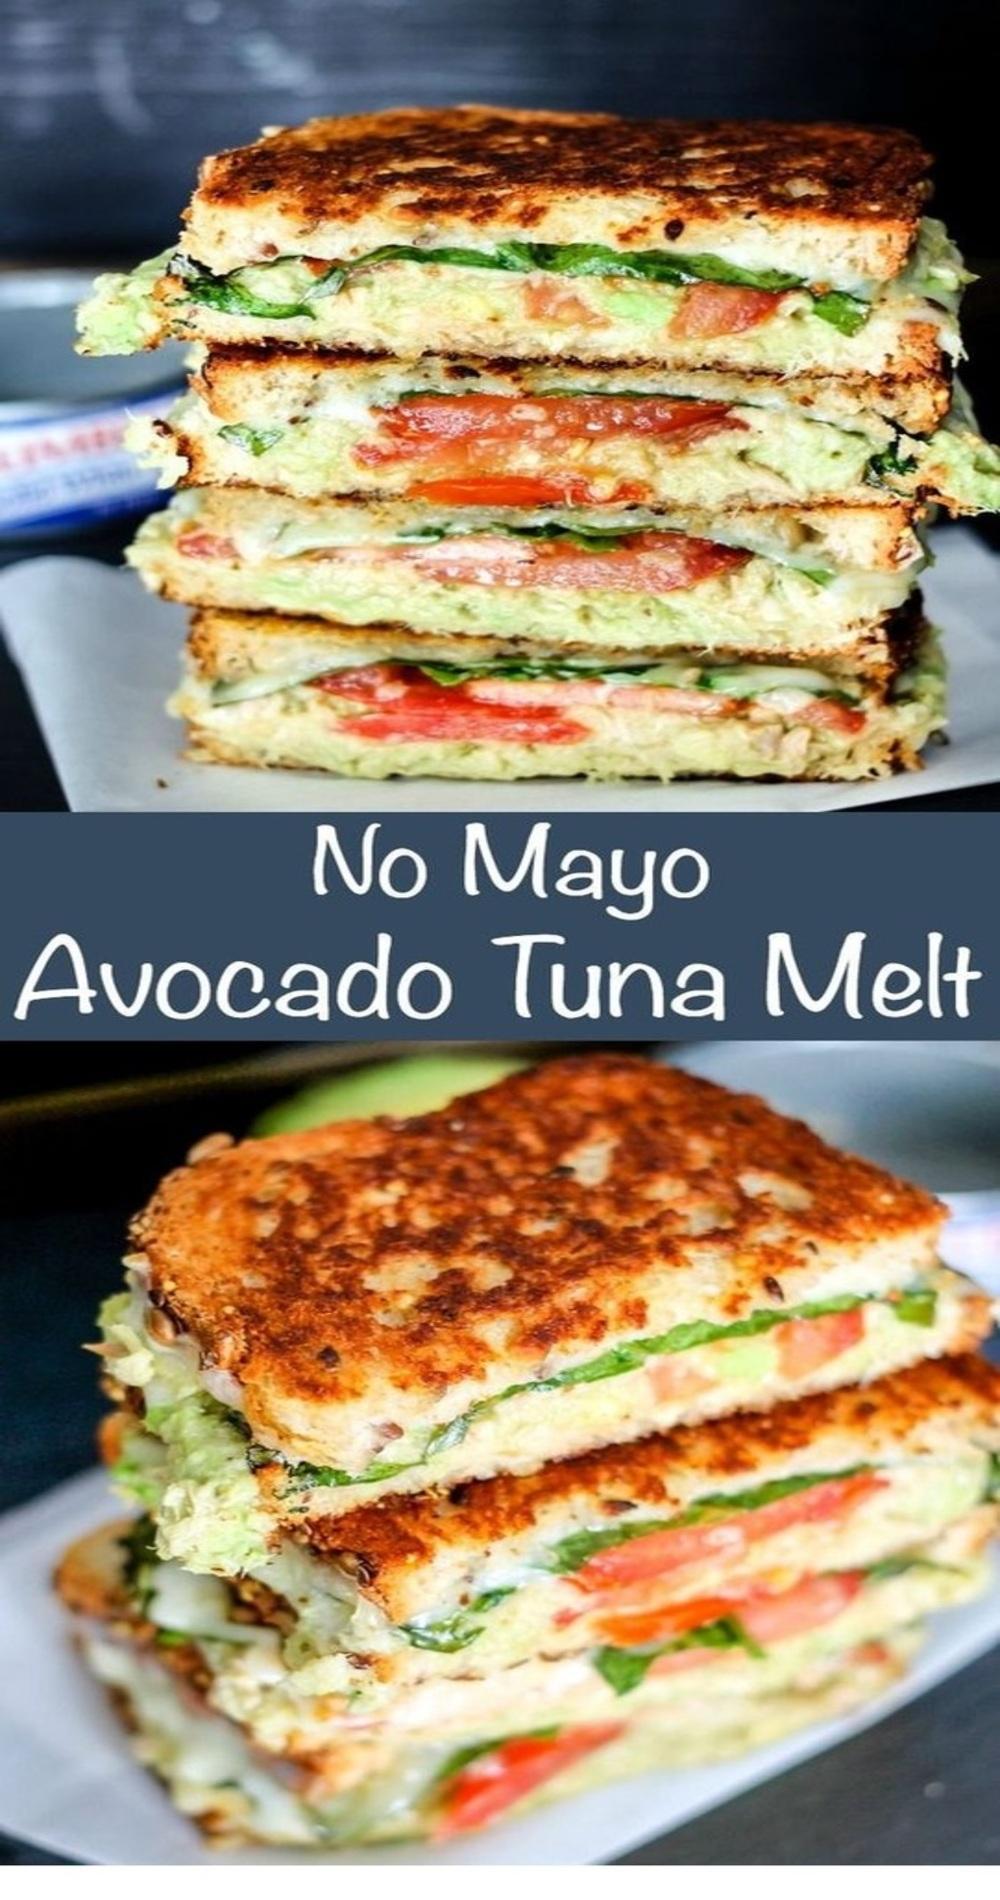 No May Avocado Tuna Melt